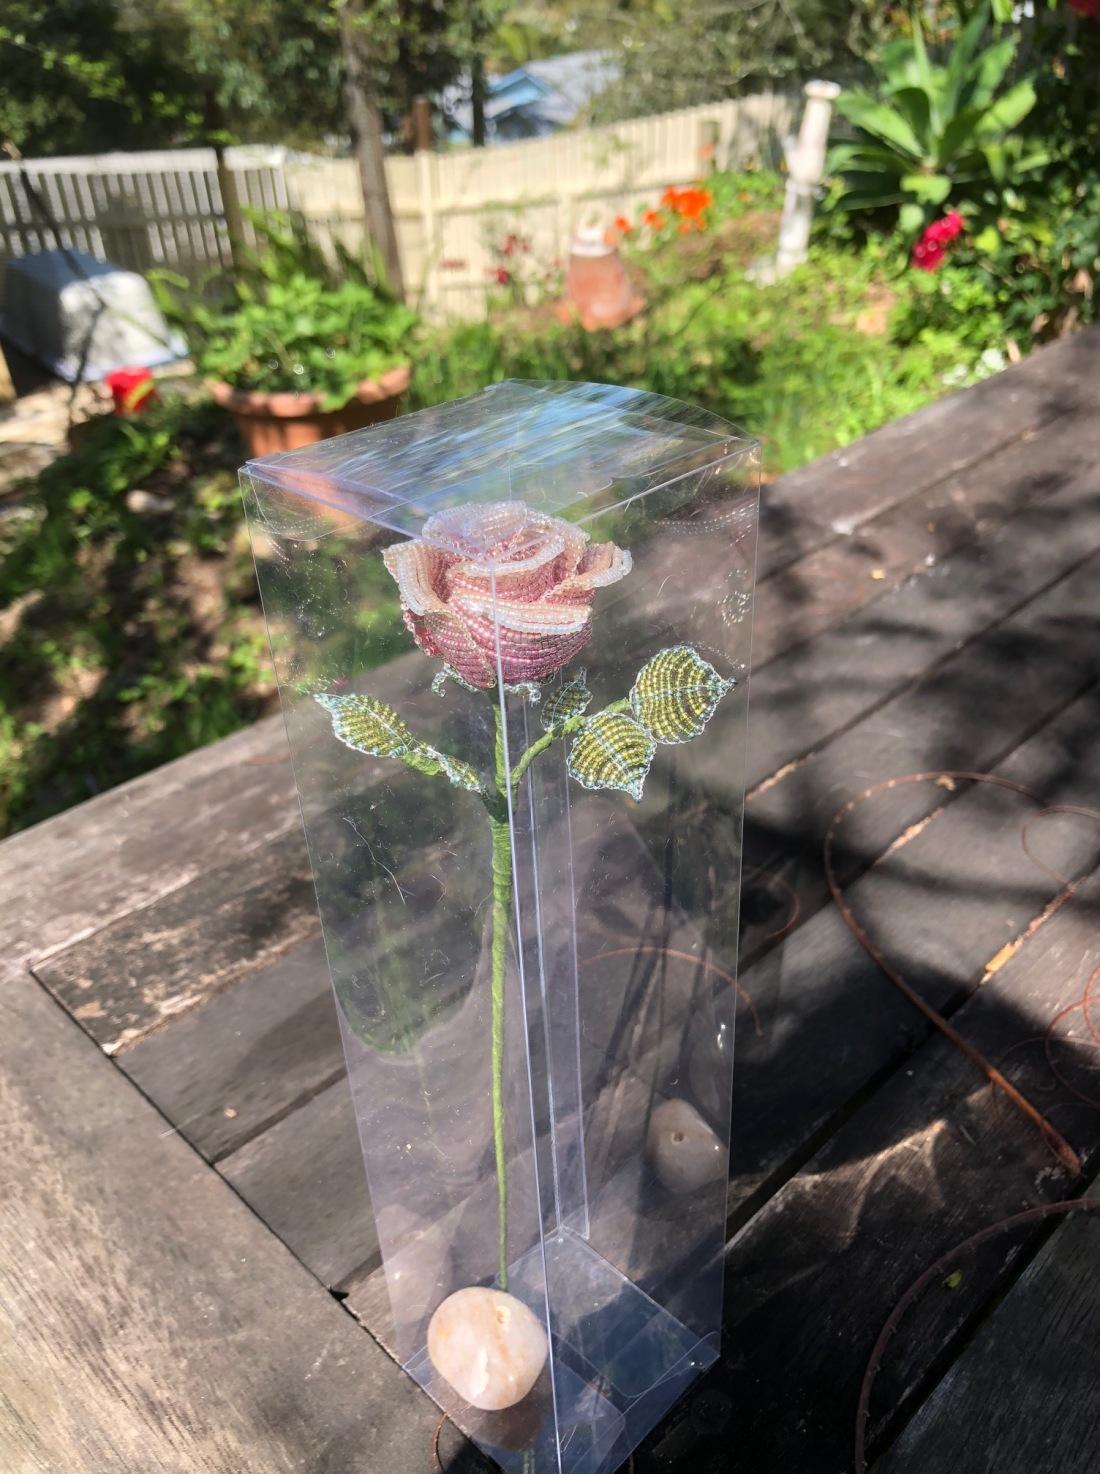 Rose_October 23